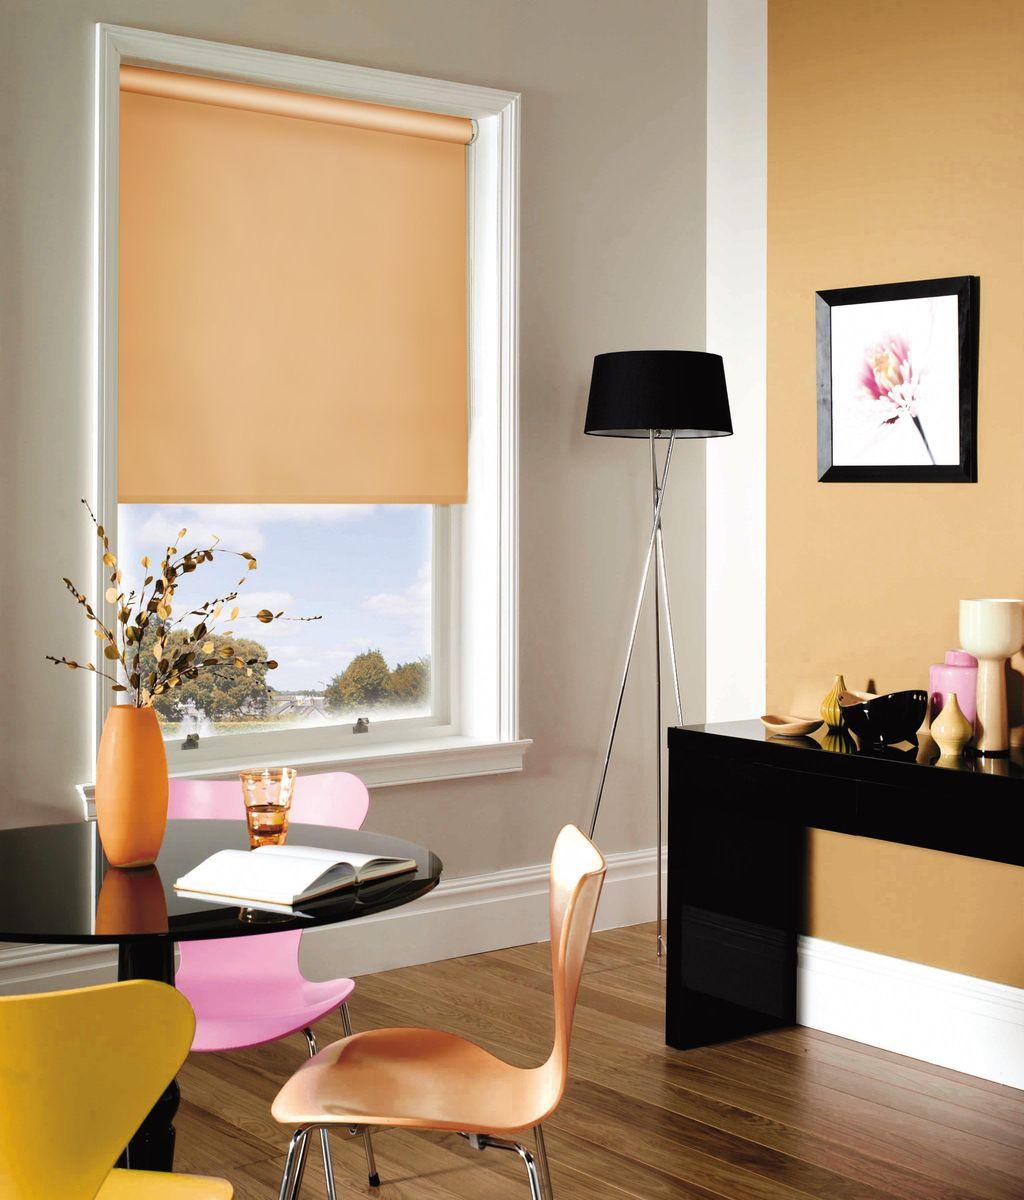 Штора рулонная Эскар, цвет: абрикосовый, ширина 160 см, высота 170 см81012160170Рулонными шторами можно оформлять окна как самостоятельно, так и использовать в комбинации с портьерами. Это поможет предотвратить выгорание дорогой ткани на солнце и соединит функционал рулонных с красотой навесных. Преимущества применения рулонных штор для пластиковых окон: - имеют прекрасный внешний вид: многообразие и фактурность материала изделия отлично смотрятся в любом интерьере; - многофункциональны: есть возможность подобрать шторы способные эффективно защитить комнату от солнца, при этом о на не будет слишком темной. - Есть возможность осуществить быстрый монтаж. ВНИМАНИЕ! Размеры ширины изделия указаны по ширине ткани! Во время эксплуатации не рекомендуется полностью разматывать рулон, чтобы не оторвать ткань от намоточного вала. В случае загрязнения поверхности ткани, чистку шторы проводят одним из способов, в зависимости от типа загрязнения: легкое поверхностное загрязнение можно удалить при помощи...